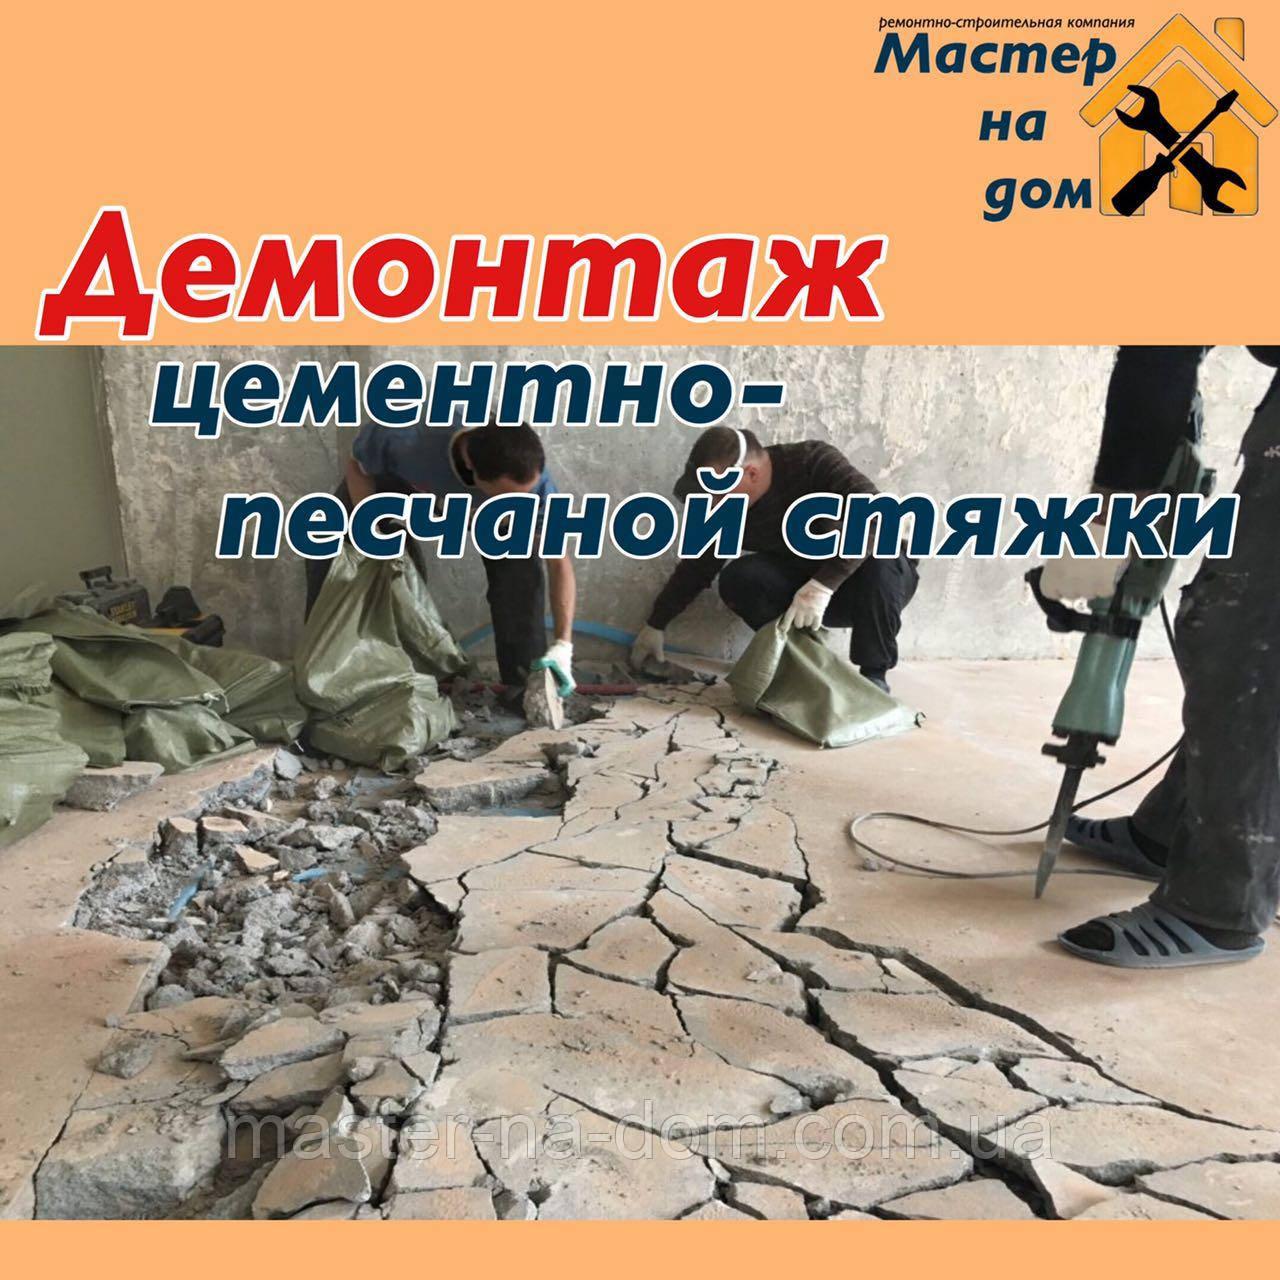 Демонтаж цементно-песчаной стяжки пола в Житомире